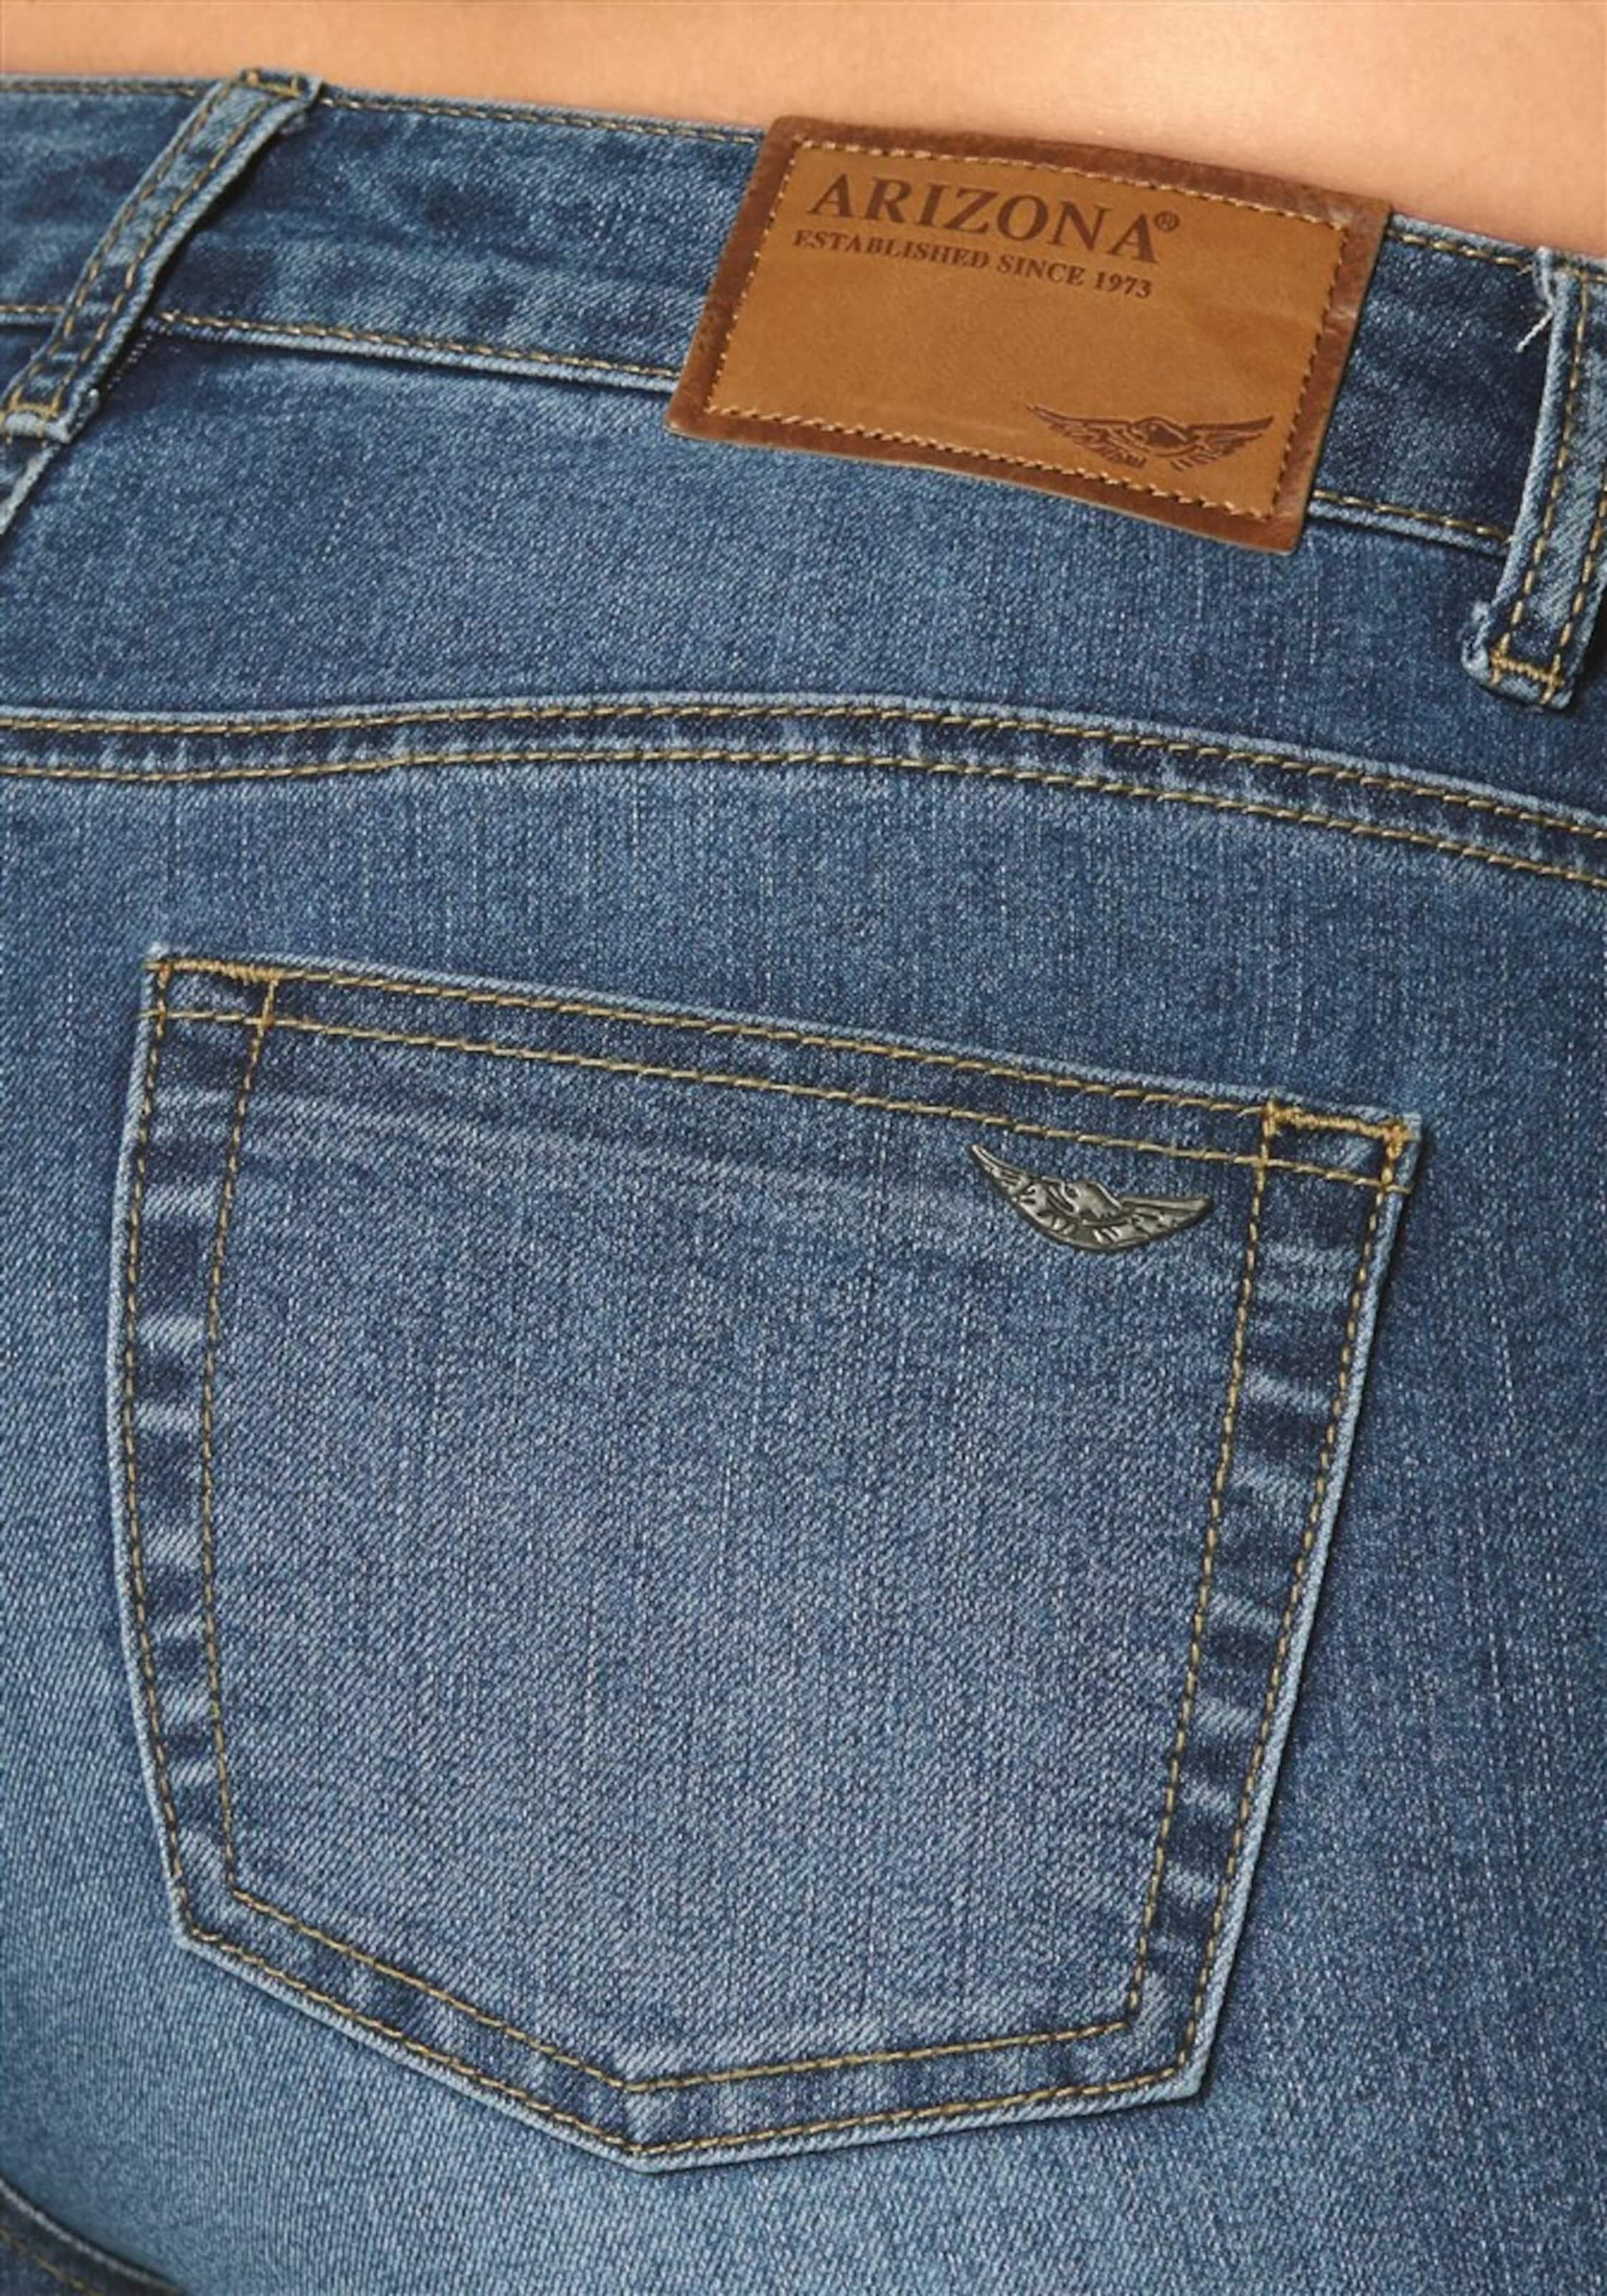 Günstig Kaufen Verkauf Niedriger Preis Versandkosten Für Online ARIZONA High-waist-Jeans 'Bootcut mit komfortabler Leibhöhe' Billig v1PeC